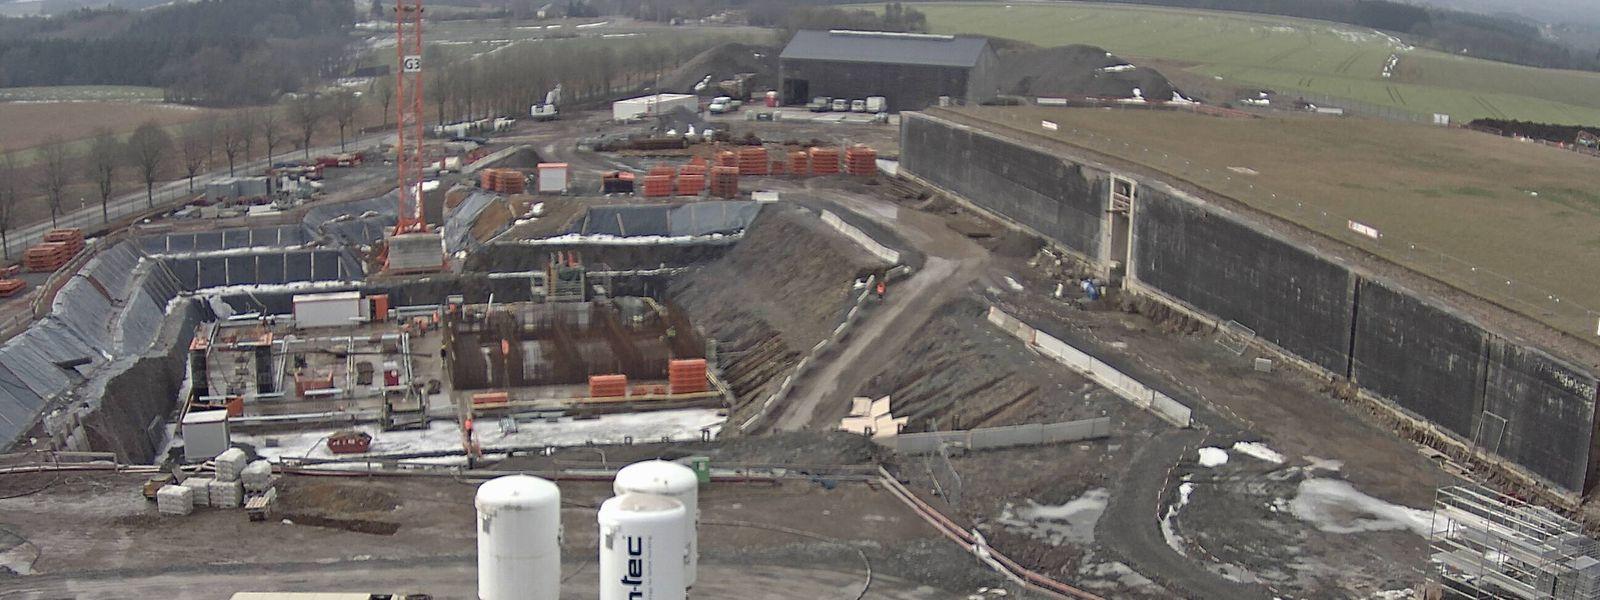 Blick von oben auf die Baustelle der neuen Trinkwasser-Aufbereitungsanlage in Eschdorf